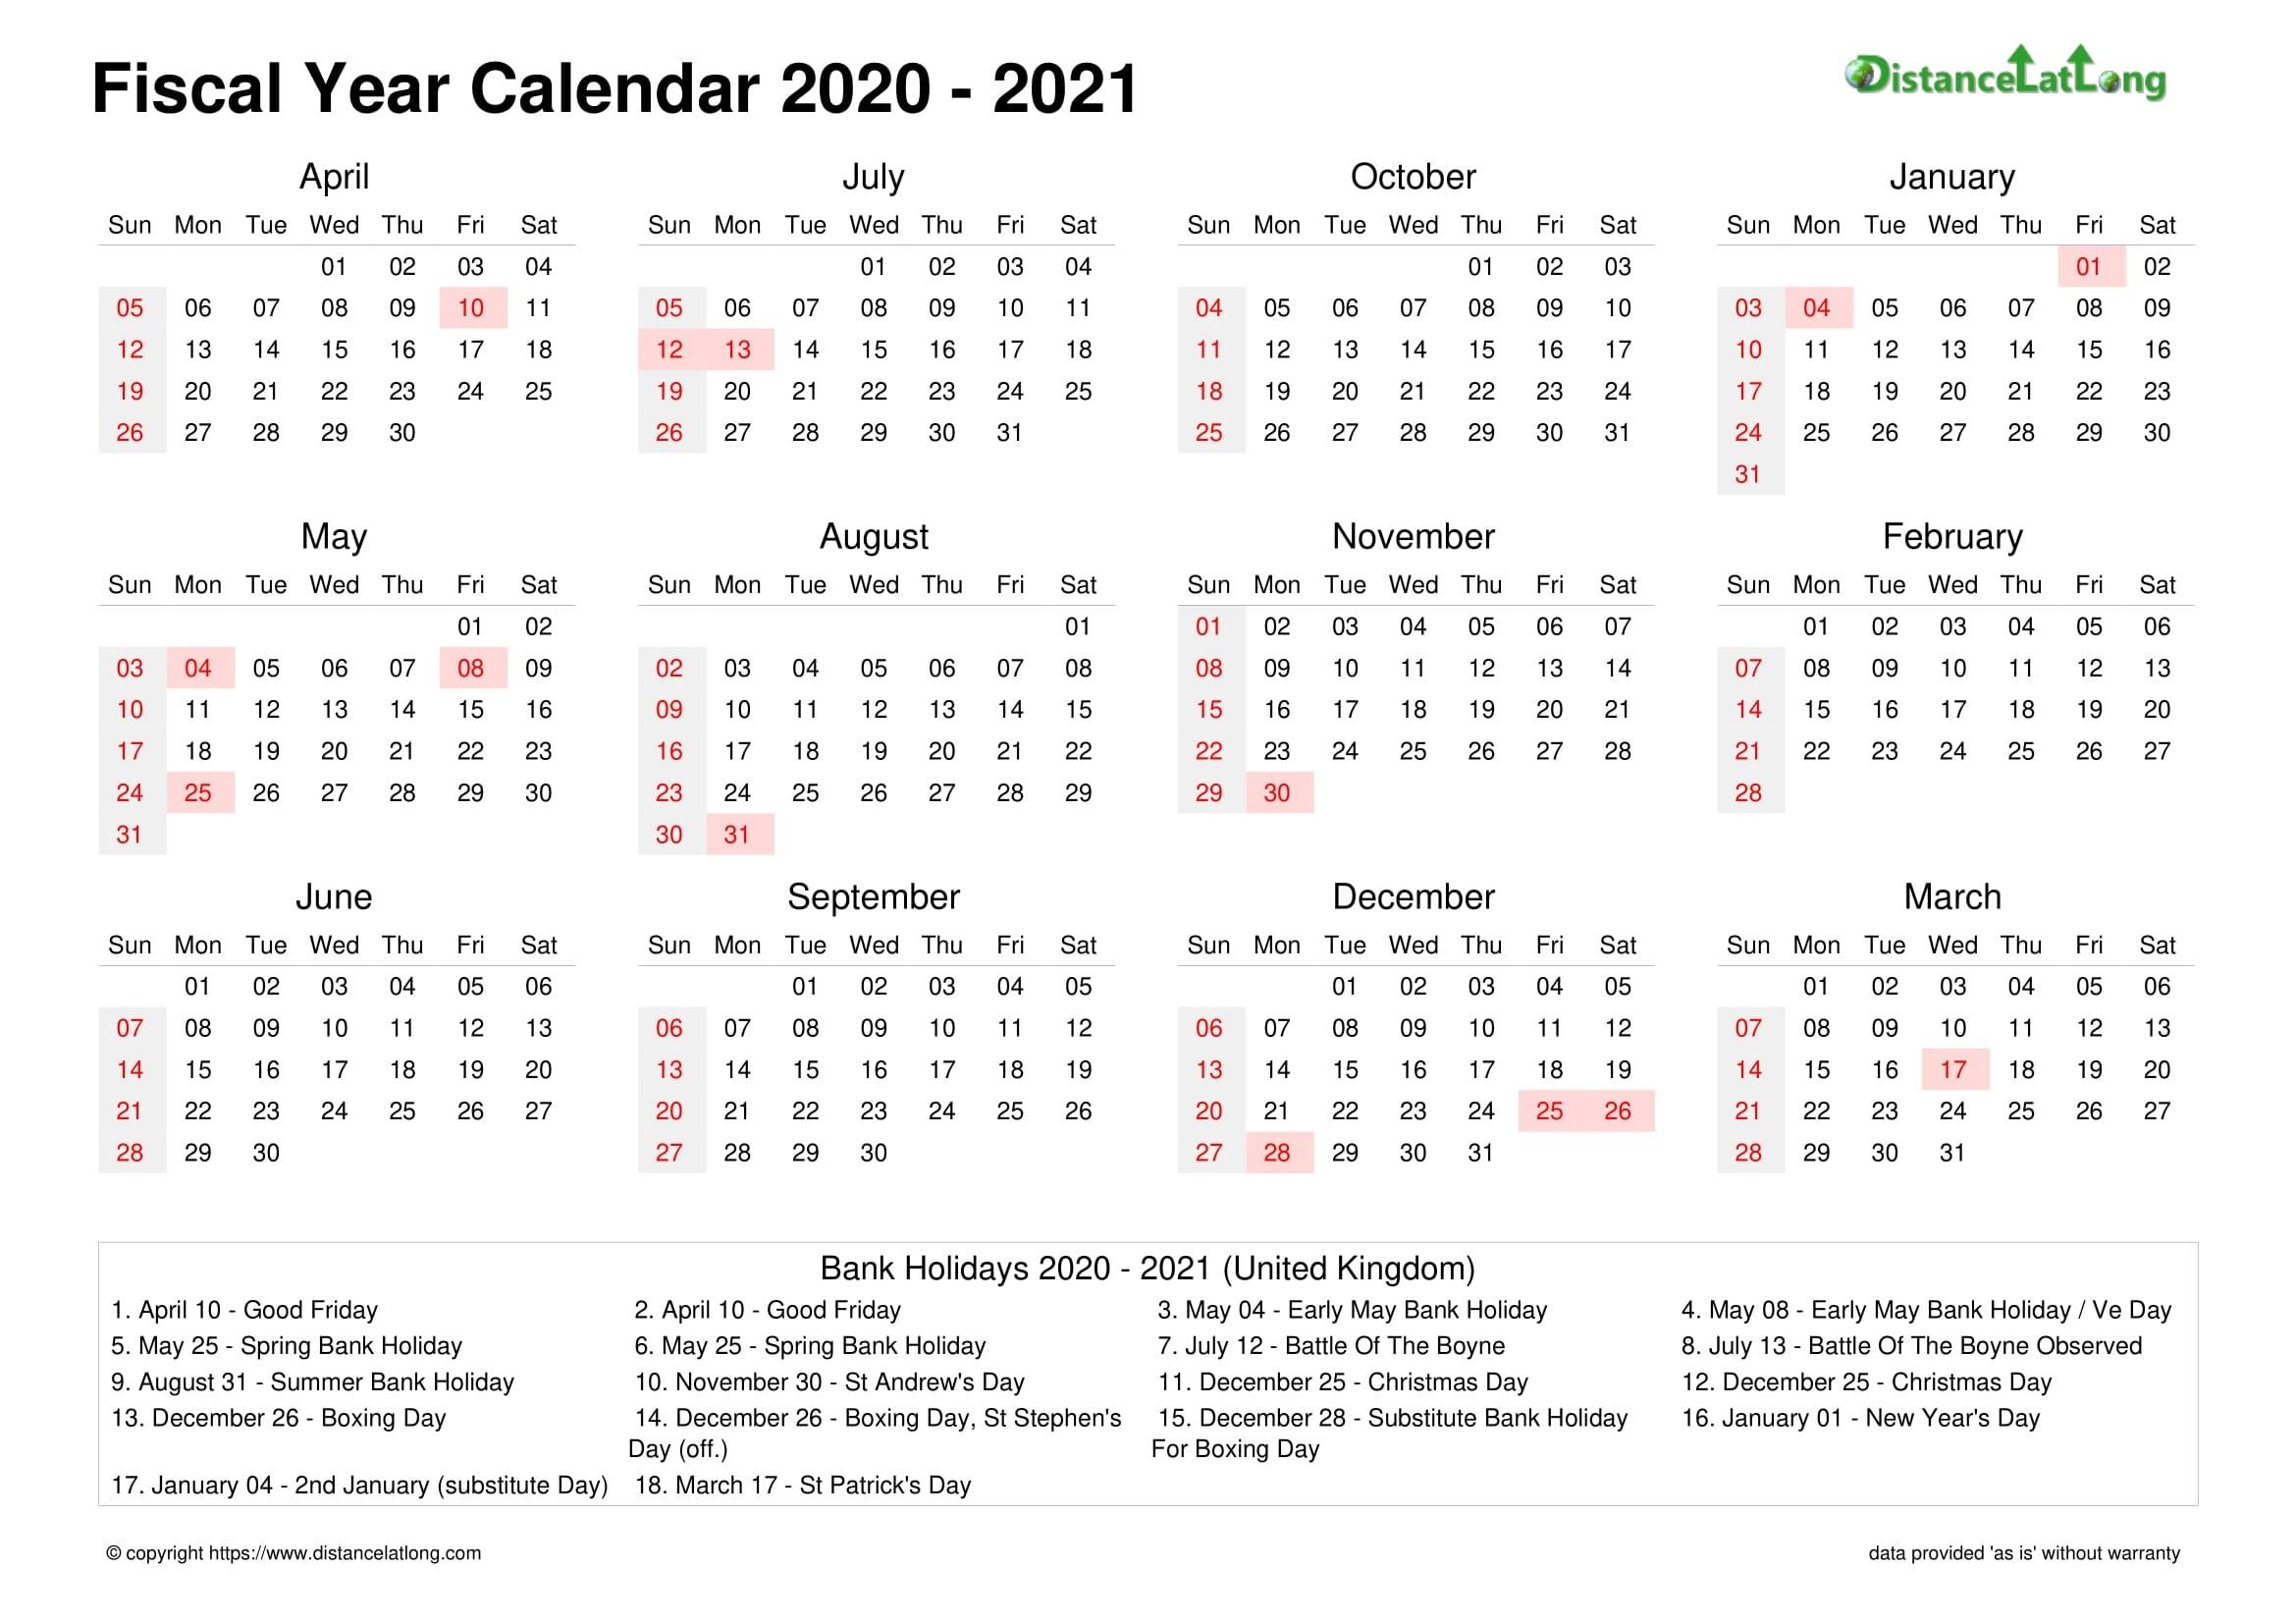 Fiscal Year 2020-2021 Calendar Templates, Free Printable  2021 19 Financial Calendar Printable